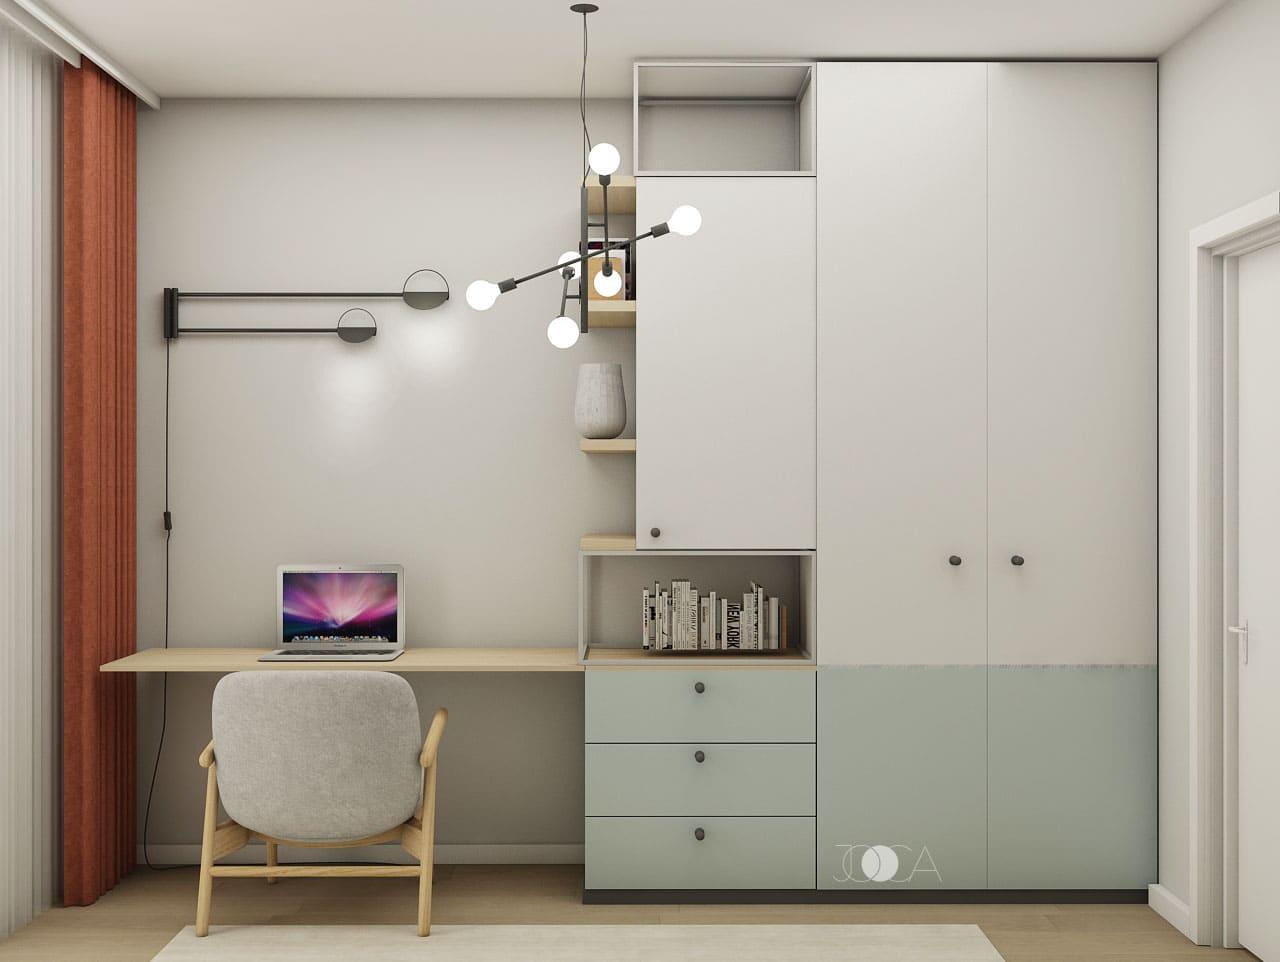 Spatiile de depozitare inchise sunt mixate cu cele deschise pentru a crea un spatiu aerisit si placut.